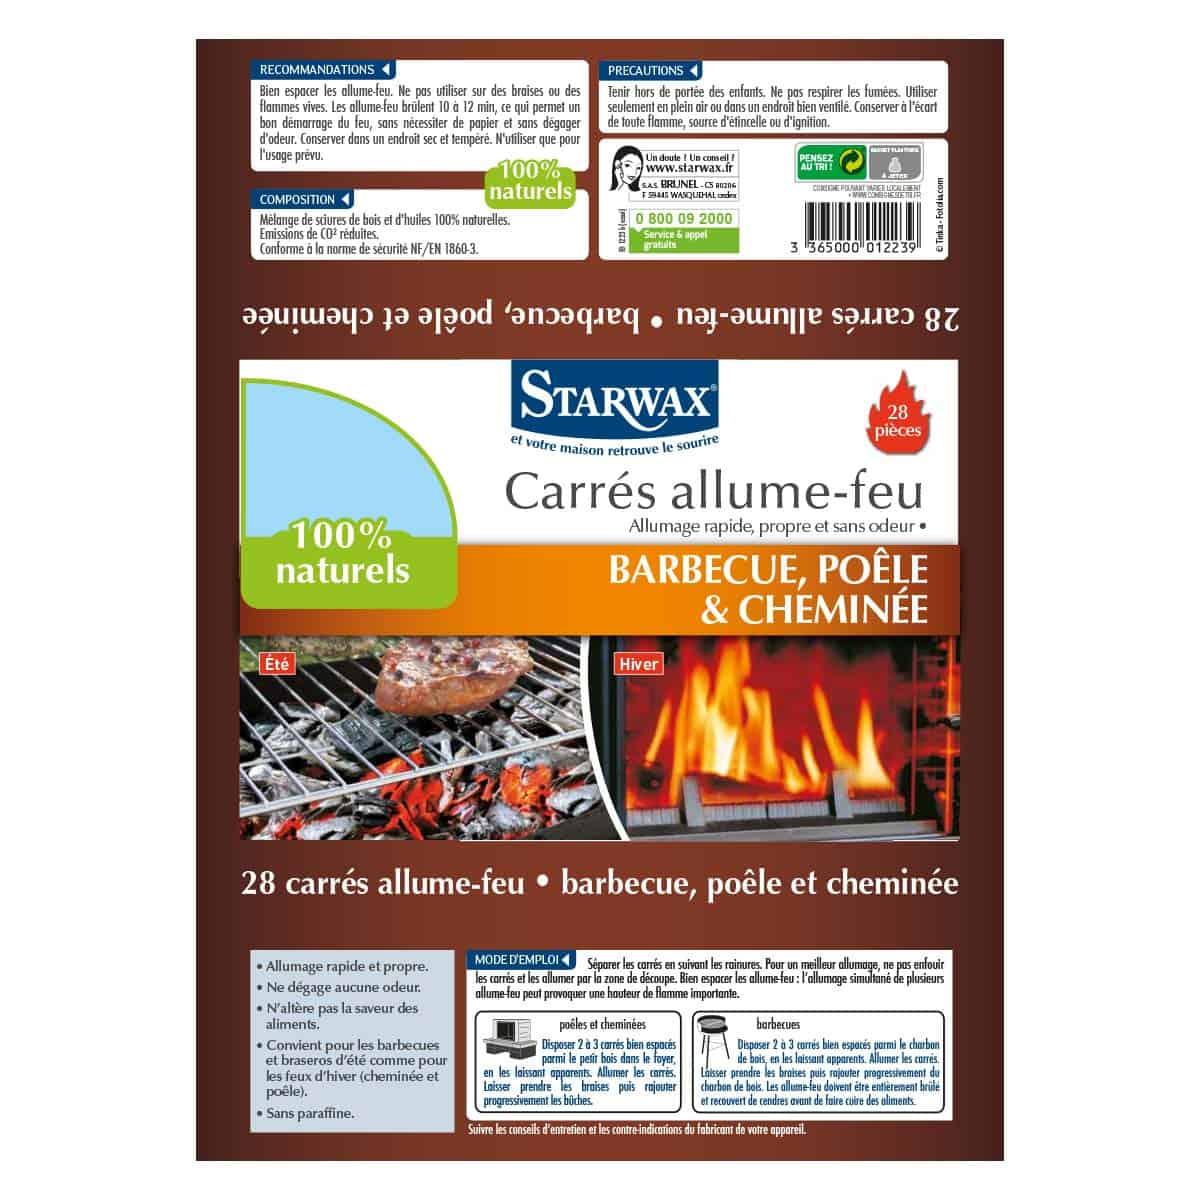 Carrés allume-feu pour barbecue, poêle et cheminée